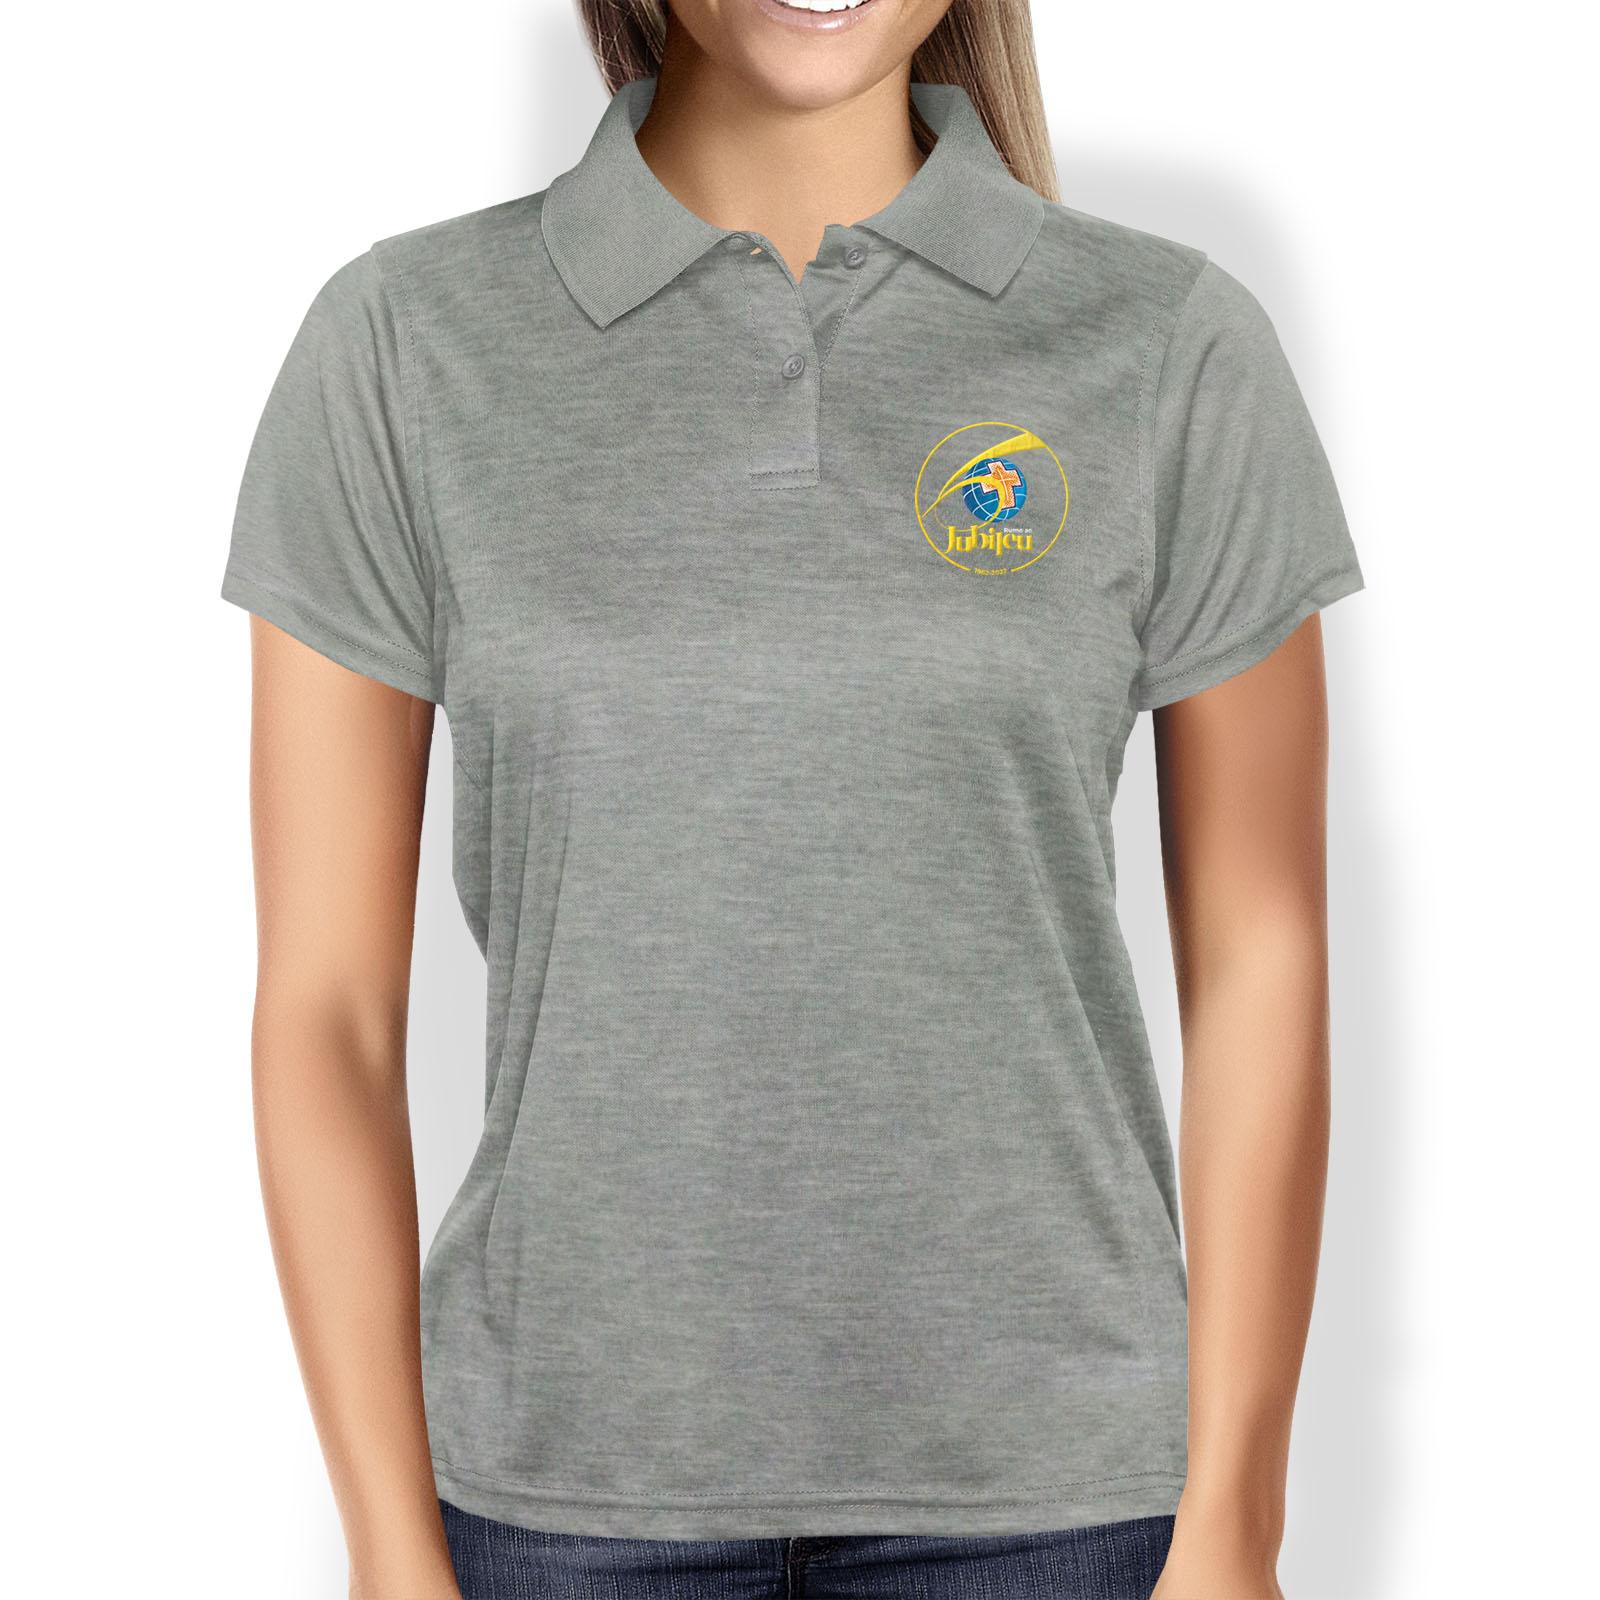 Camisa Polo Feminina Baby-Look Rumo ao Jubileu 60 anos  - Cursilho